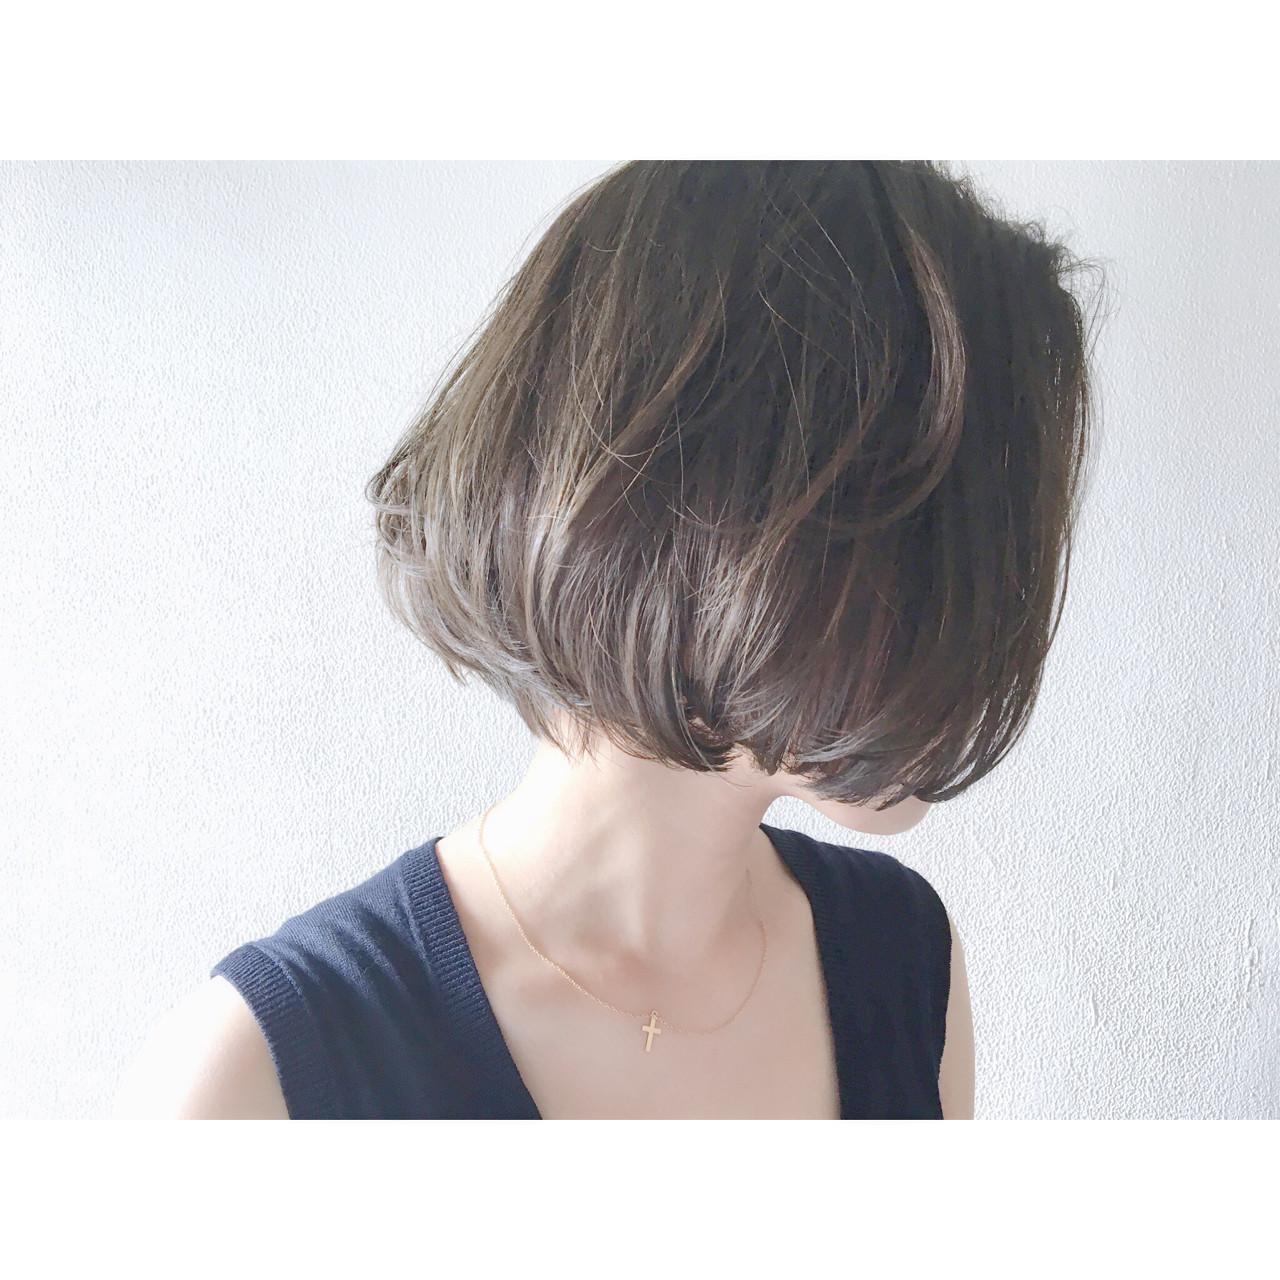 色気 ダークアッシュ ミルクティー アッシュ ヘアスタイルや髪型の写真・画像 | 長 賢太郎 / ky-go